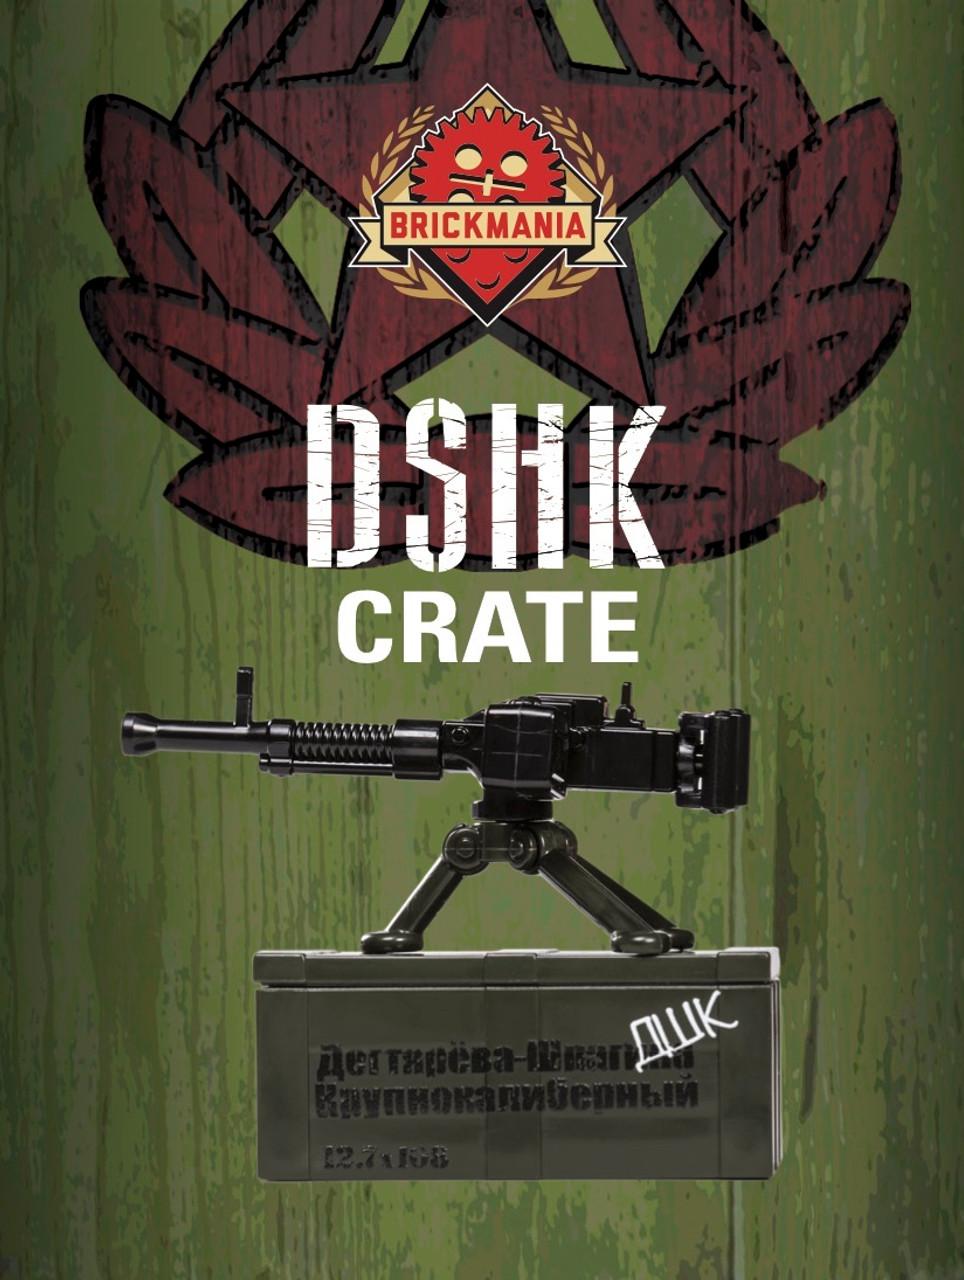 DShK Crate - Dark OD Green